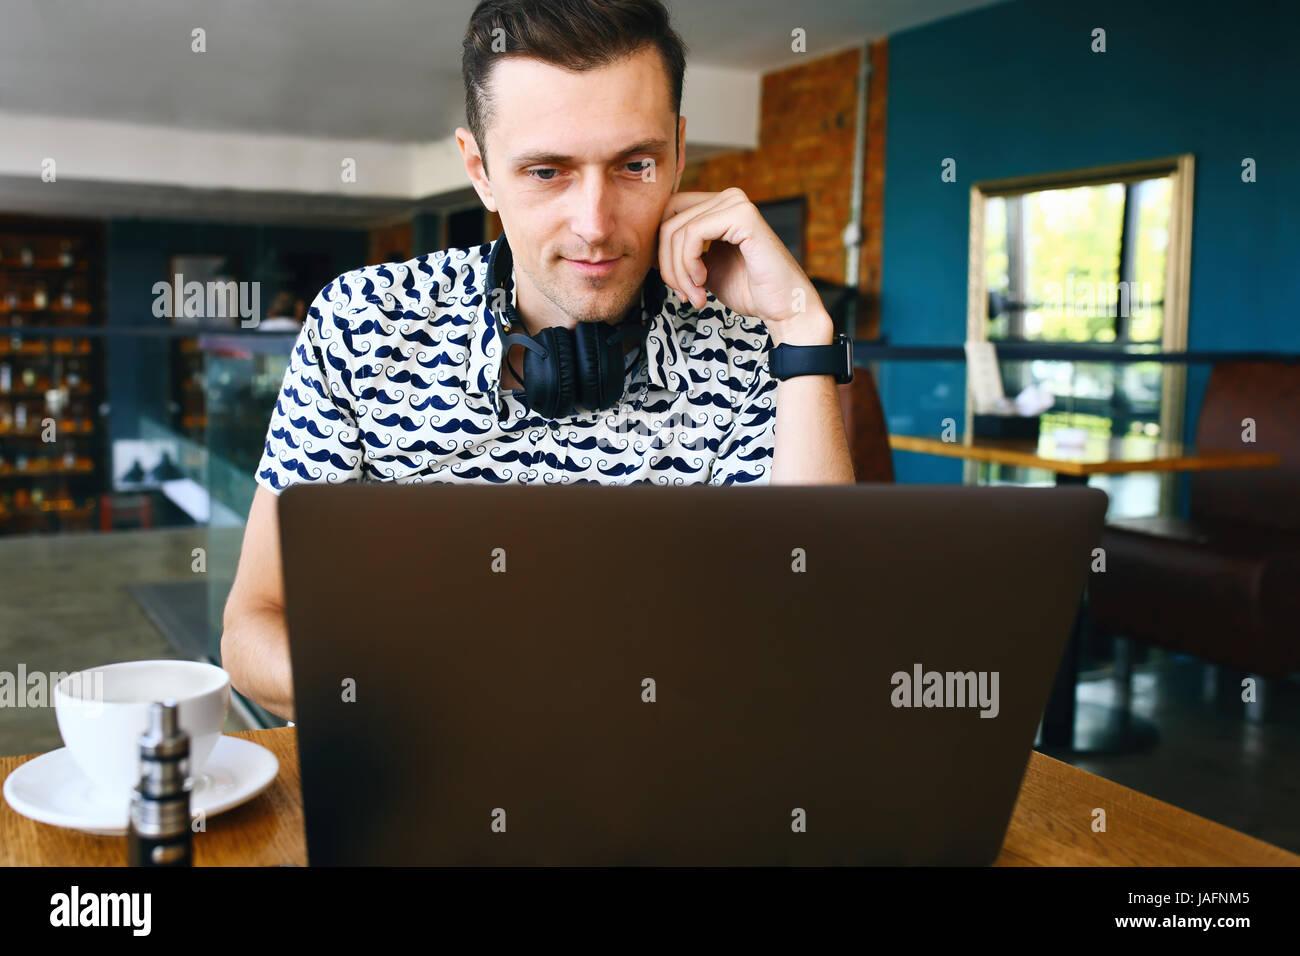 Atractivo trabajador masculino está utilizando equipo de cafetería Imagen De Stock